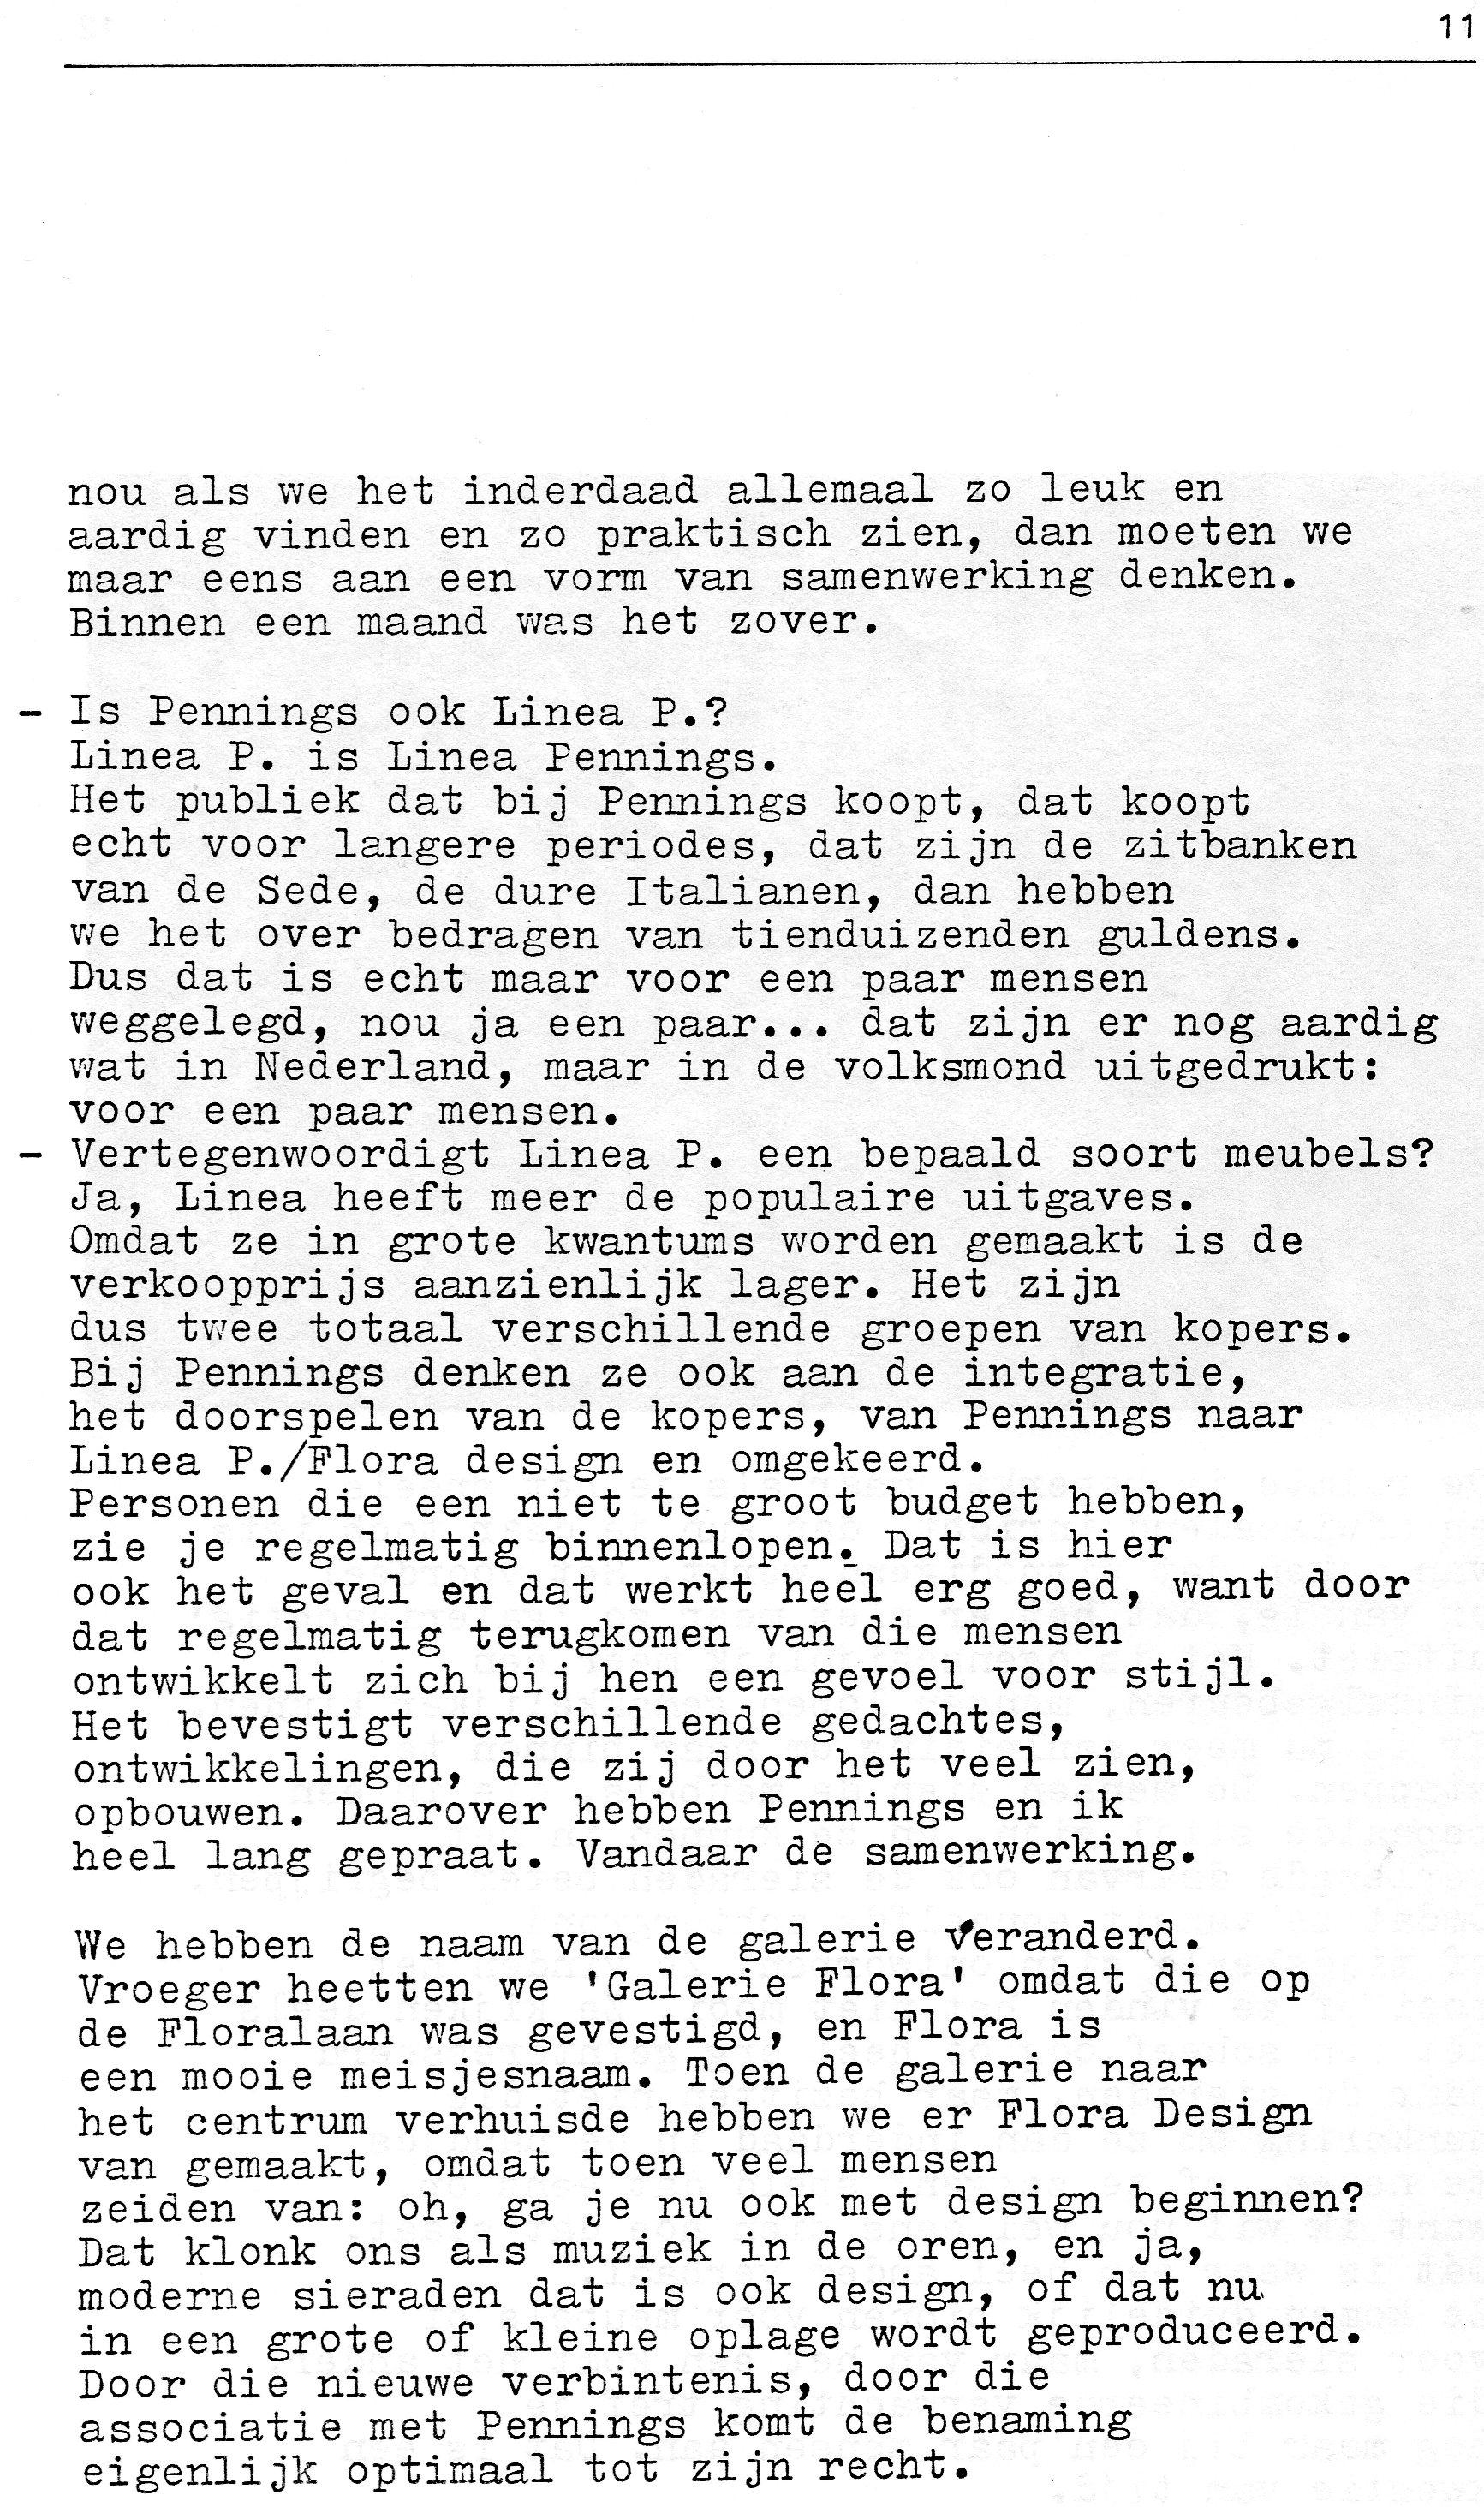 Clemens van den Broeck in het VES bulletin, 3, papier, typoscript